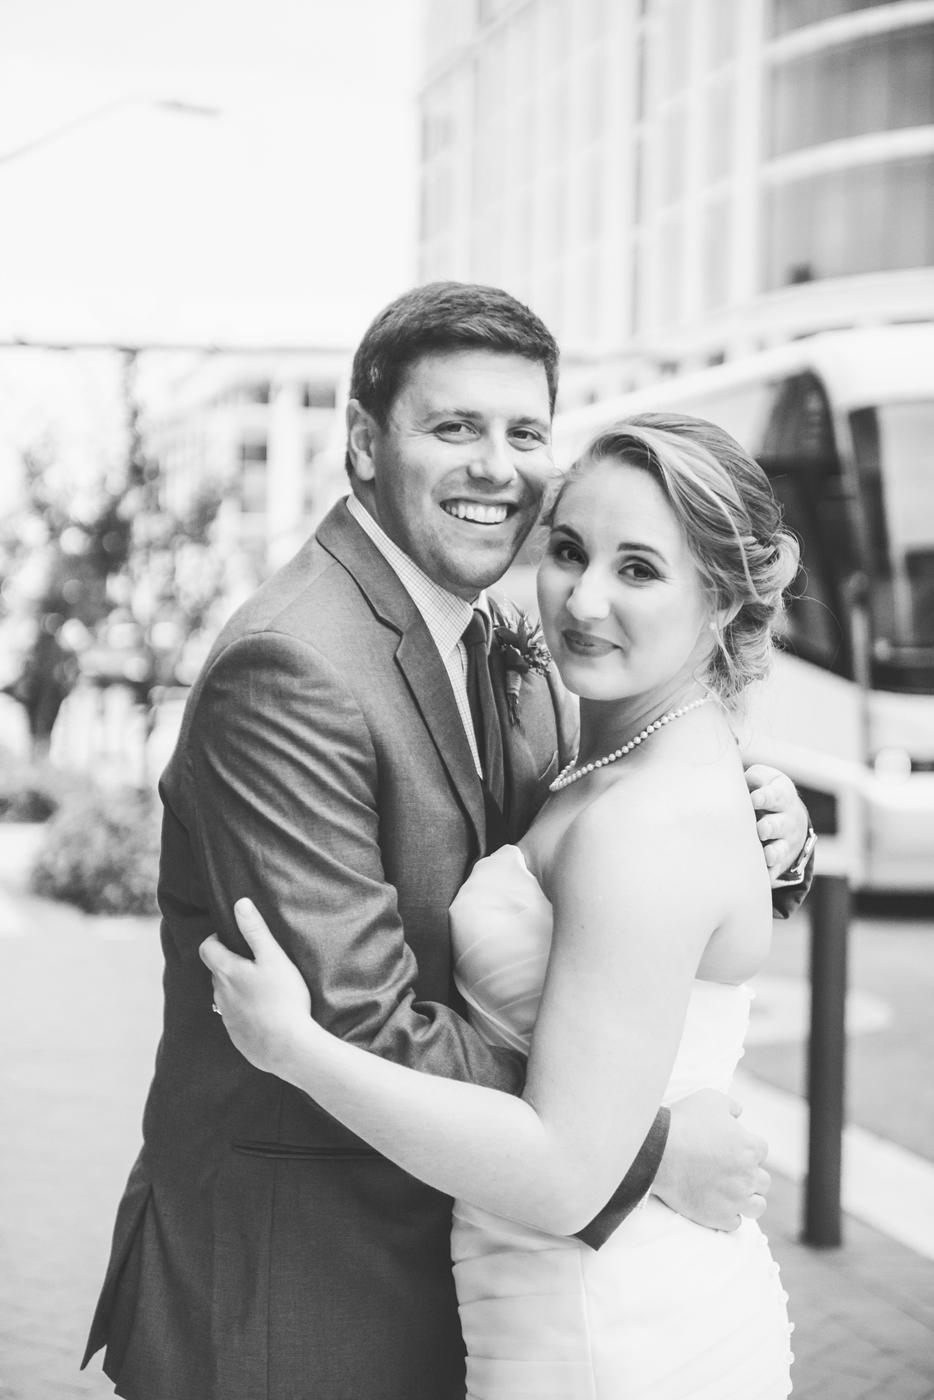 036-0136-jse-wedding-baltimore-3870b